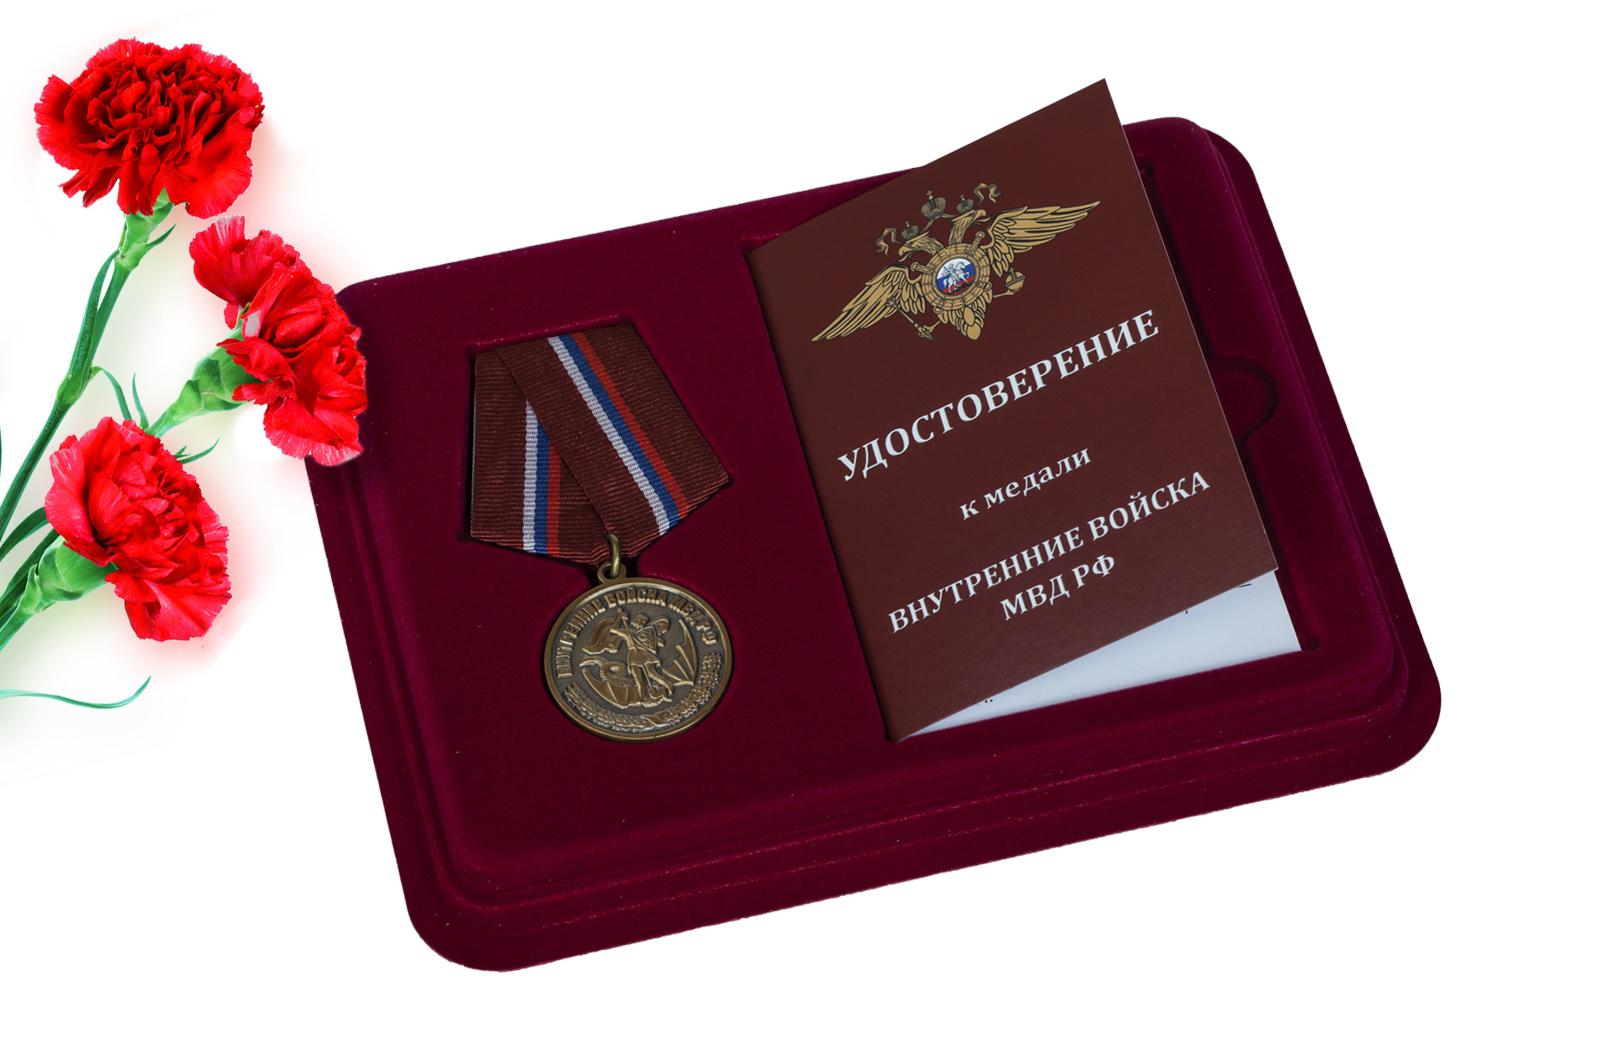 Купить медаль Внутренние войска МВД РФ с доставкой или самовывозом